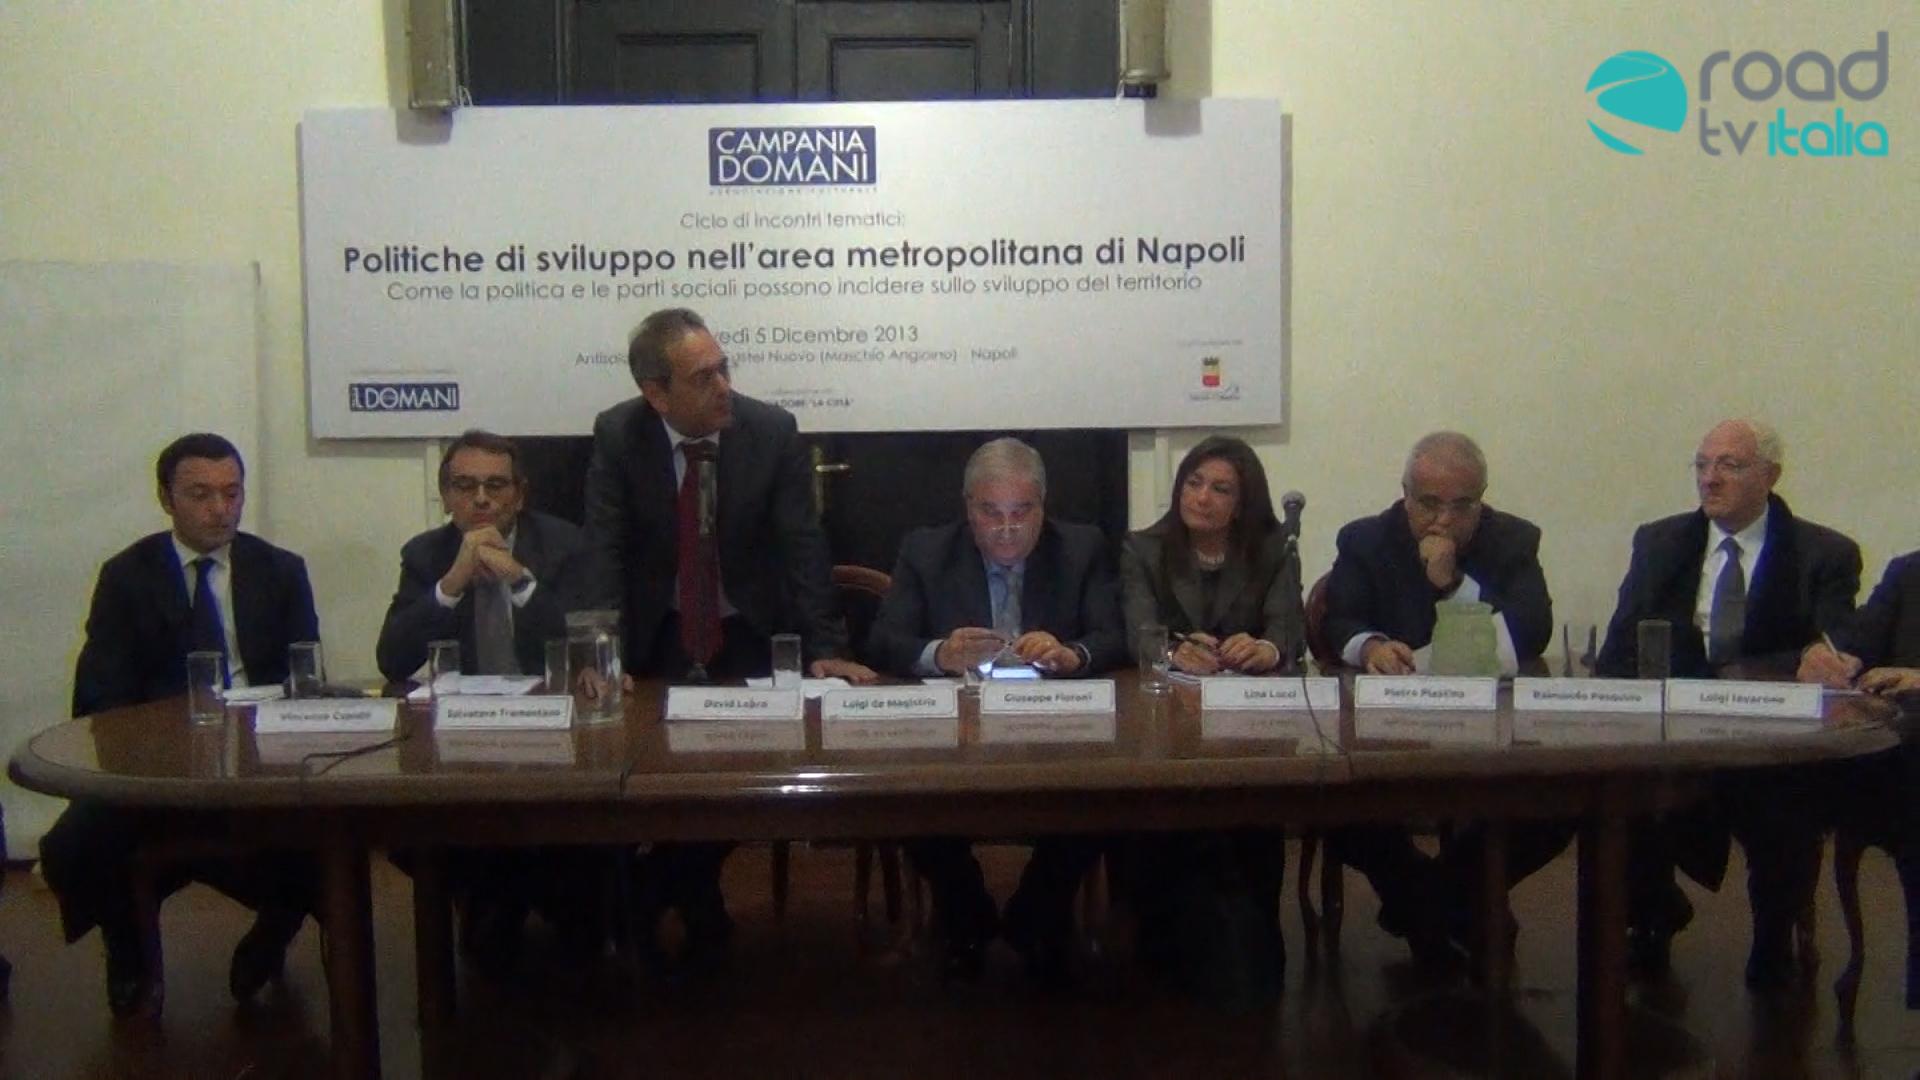 """Ecco come sarà la """"Campania Domani"""". Al via l'associazione politica fondata da David Lebro (VIDEO)"""